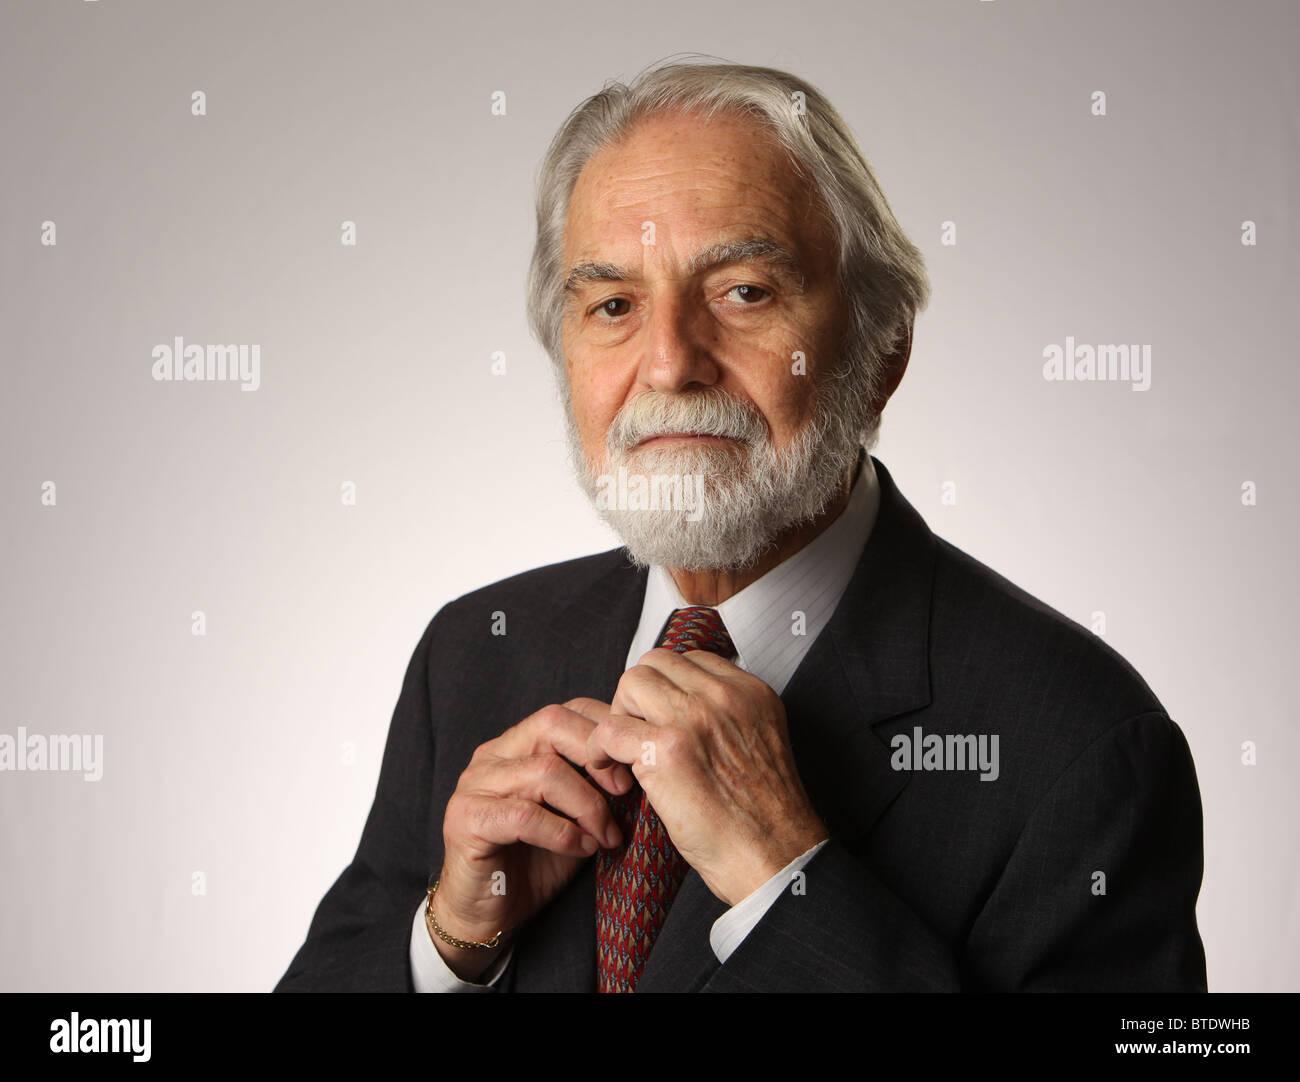 Ritratto di barba e capelli grigi imprenditore senior regolando la cravatta, studio shot, bianco, grigio, 16 Ottobre Immagini Stock